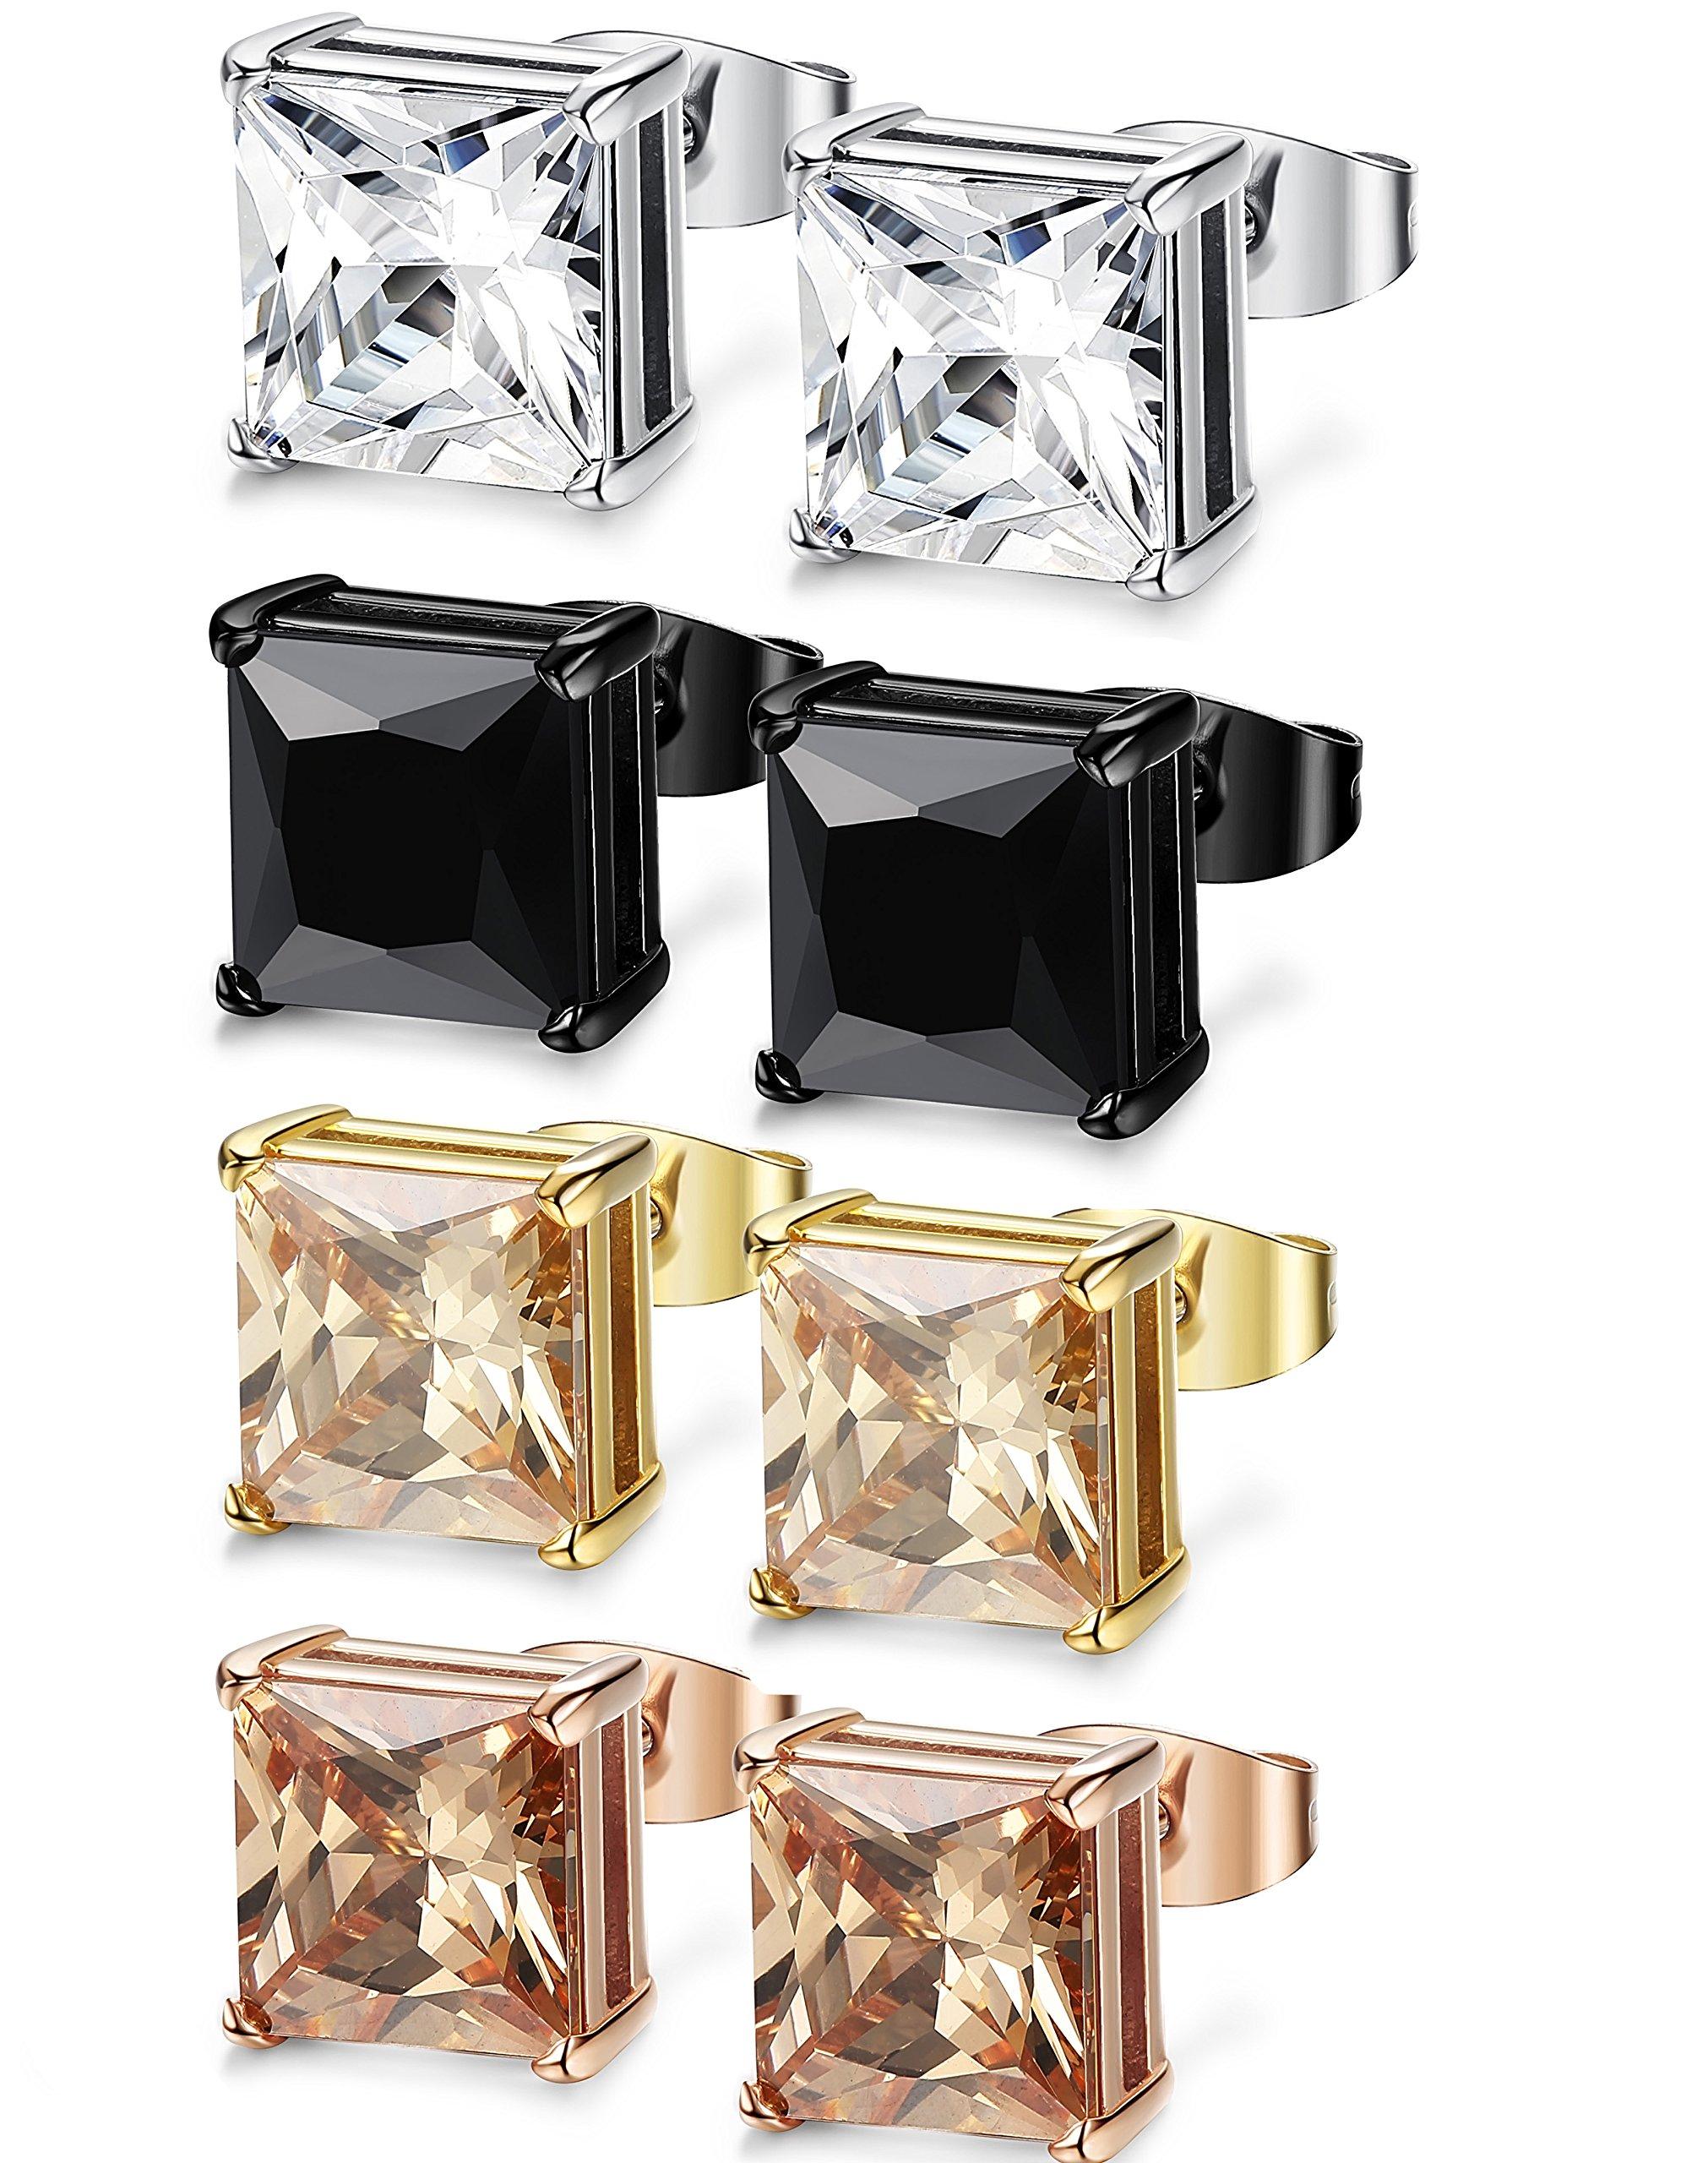 FIBO STEEL 4 Pairs Stainless Steel Square Stud Earrings for Men Women Ear Piercing Earrings Cubic Zirconia Inlaid,8 mm